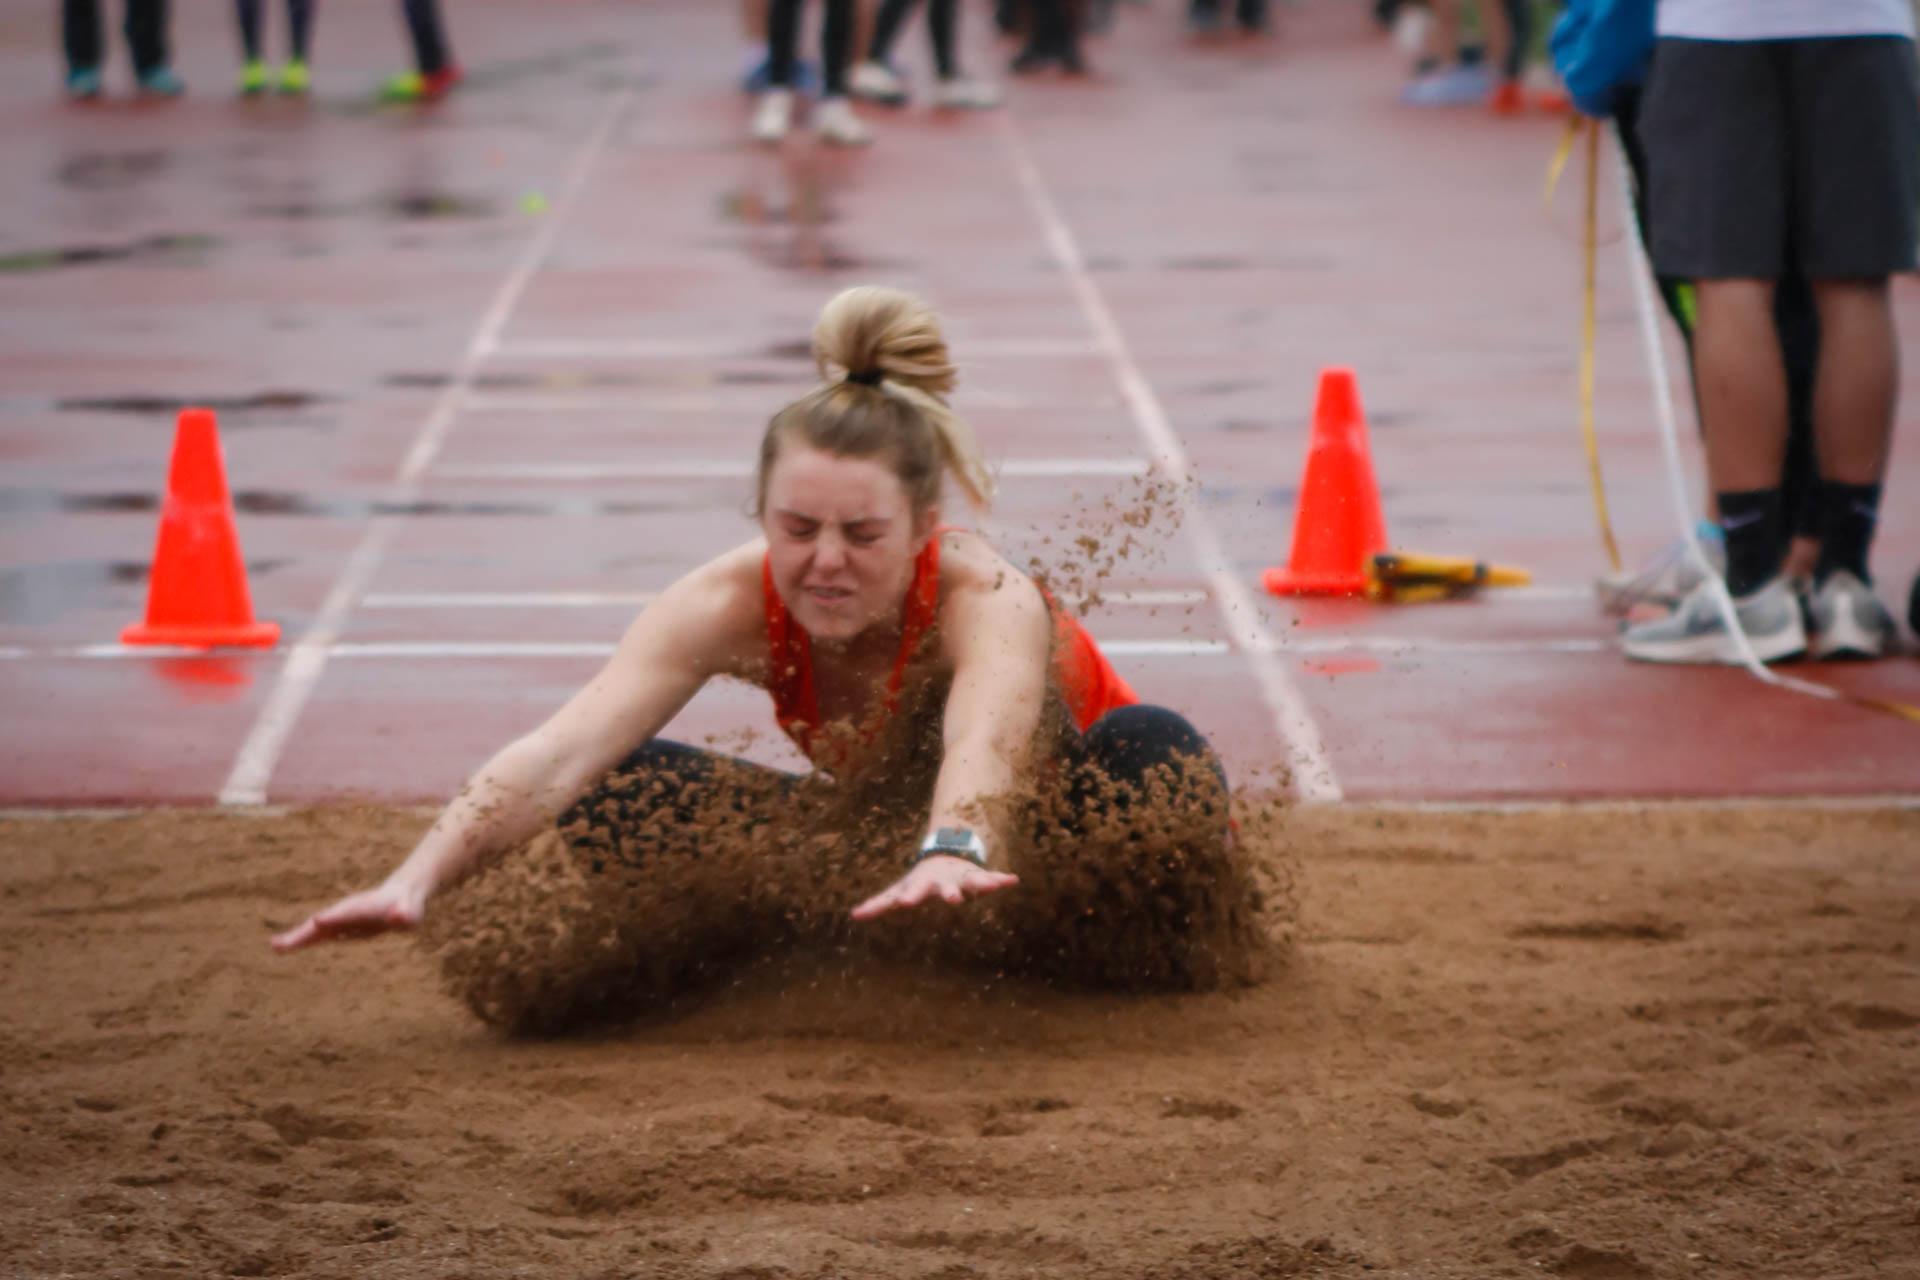 O'Hara, Drennan, Take Long Jump Gold At Nixa